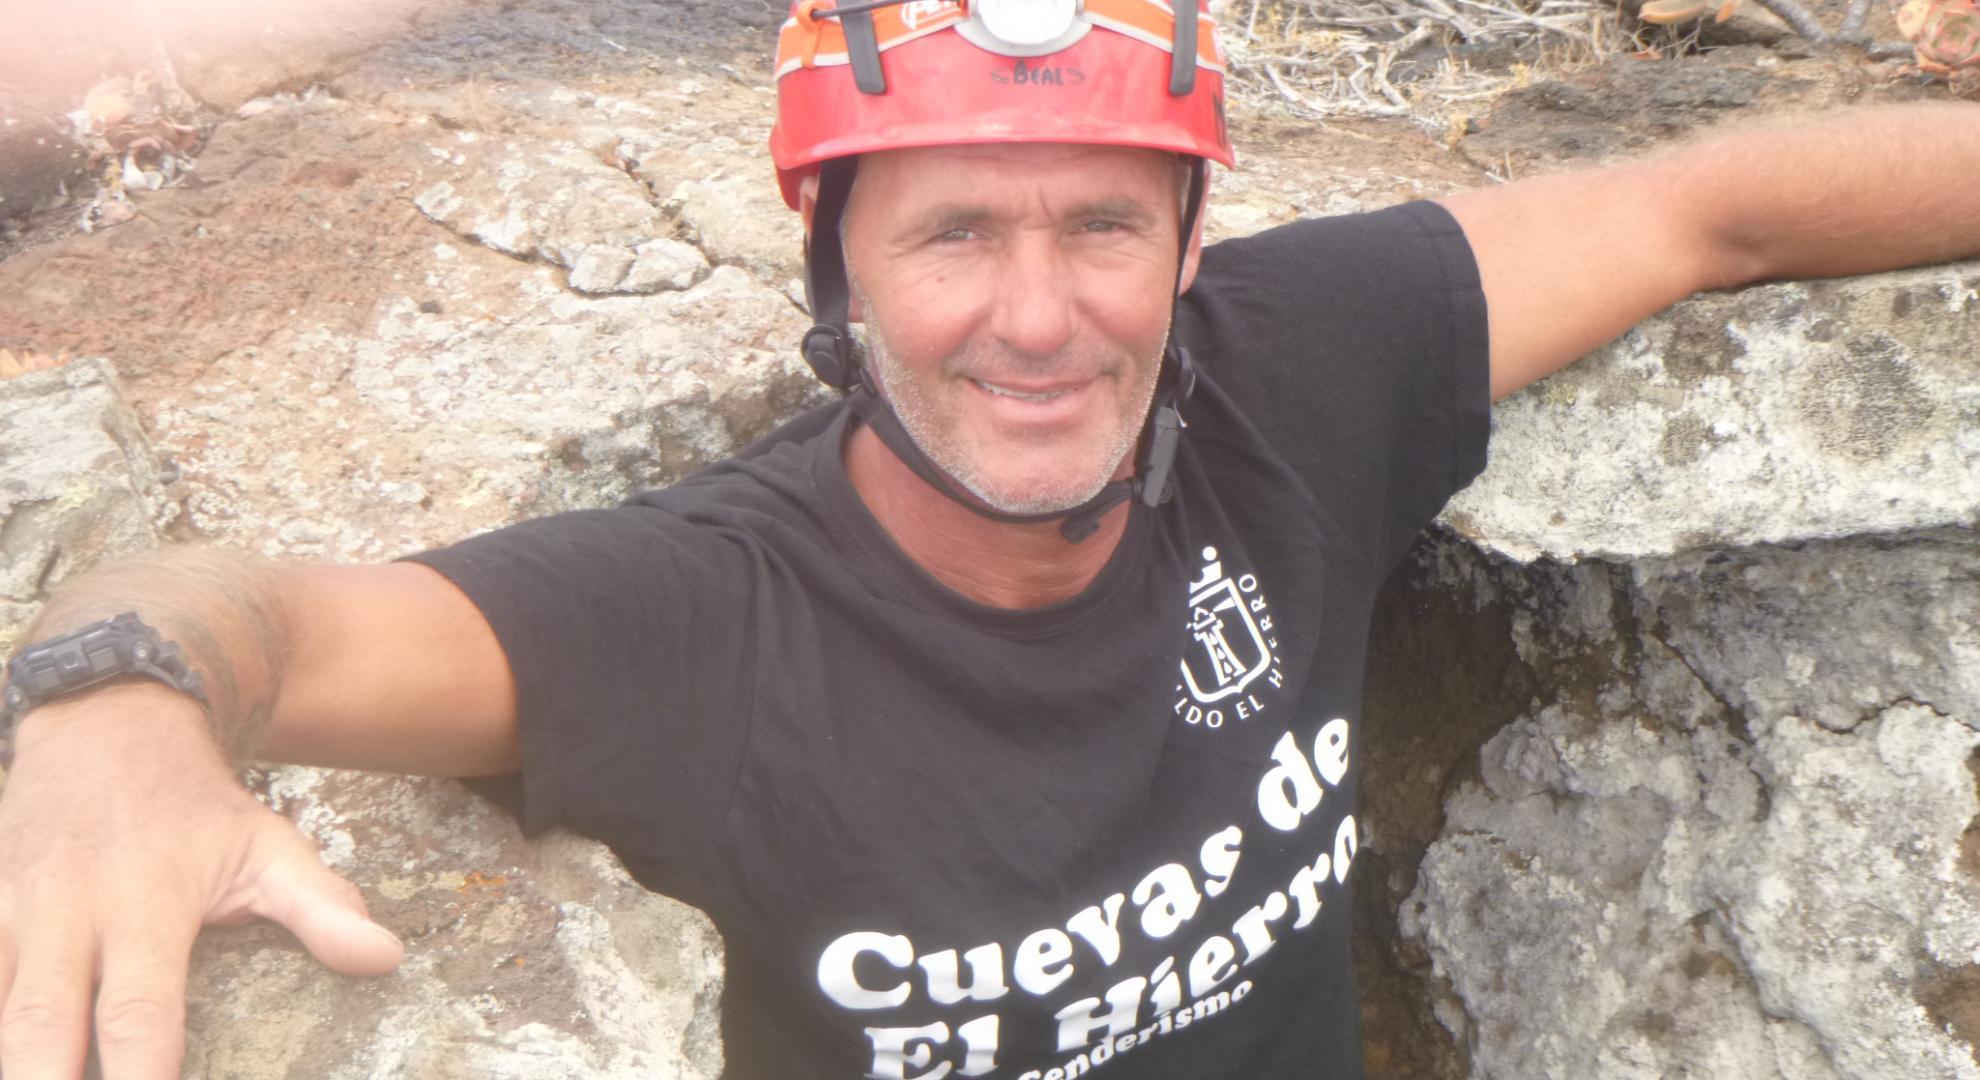 Der Höhlenführer beim Abstieg